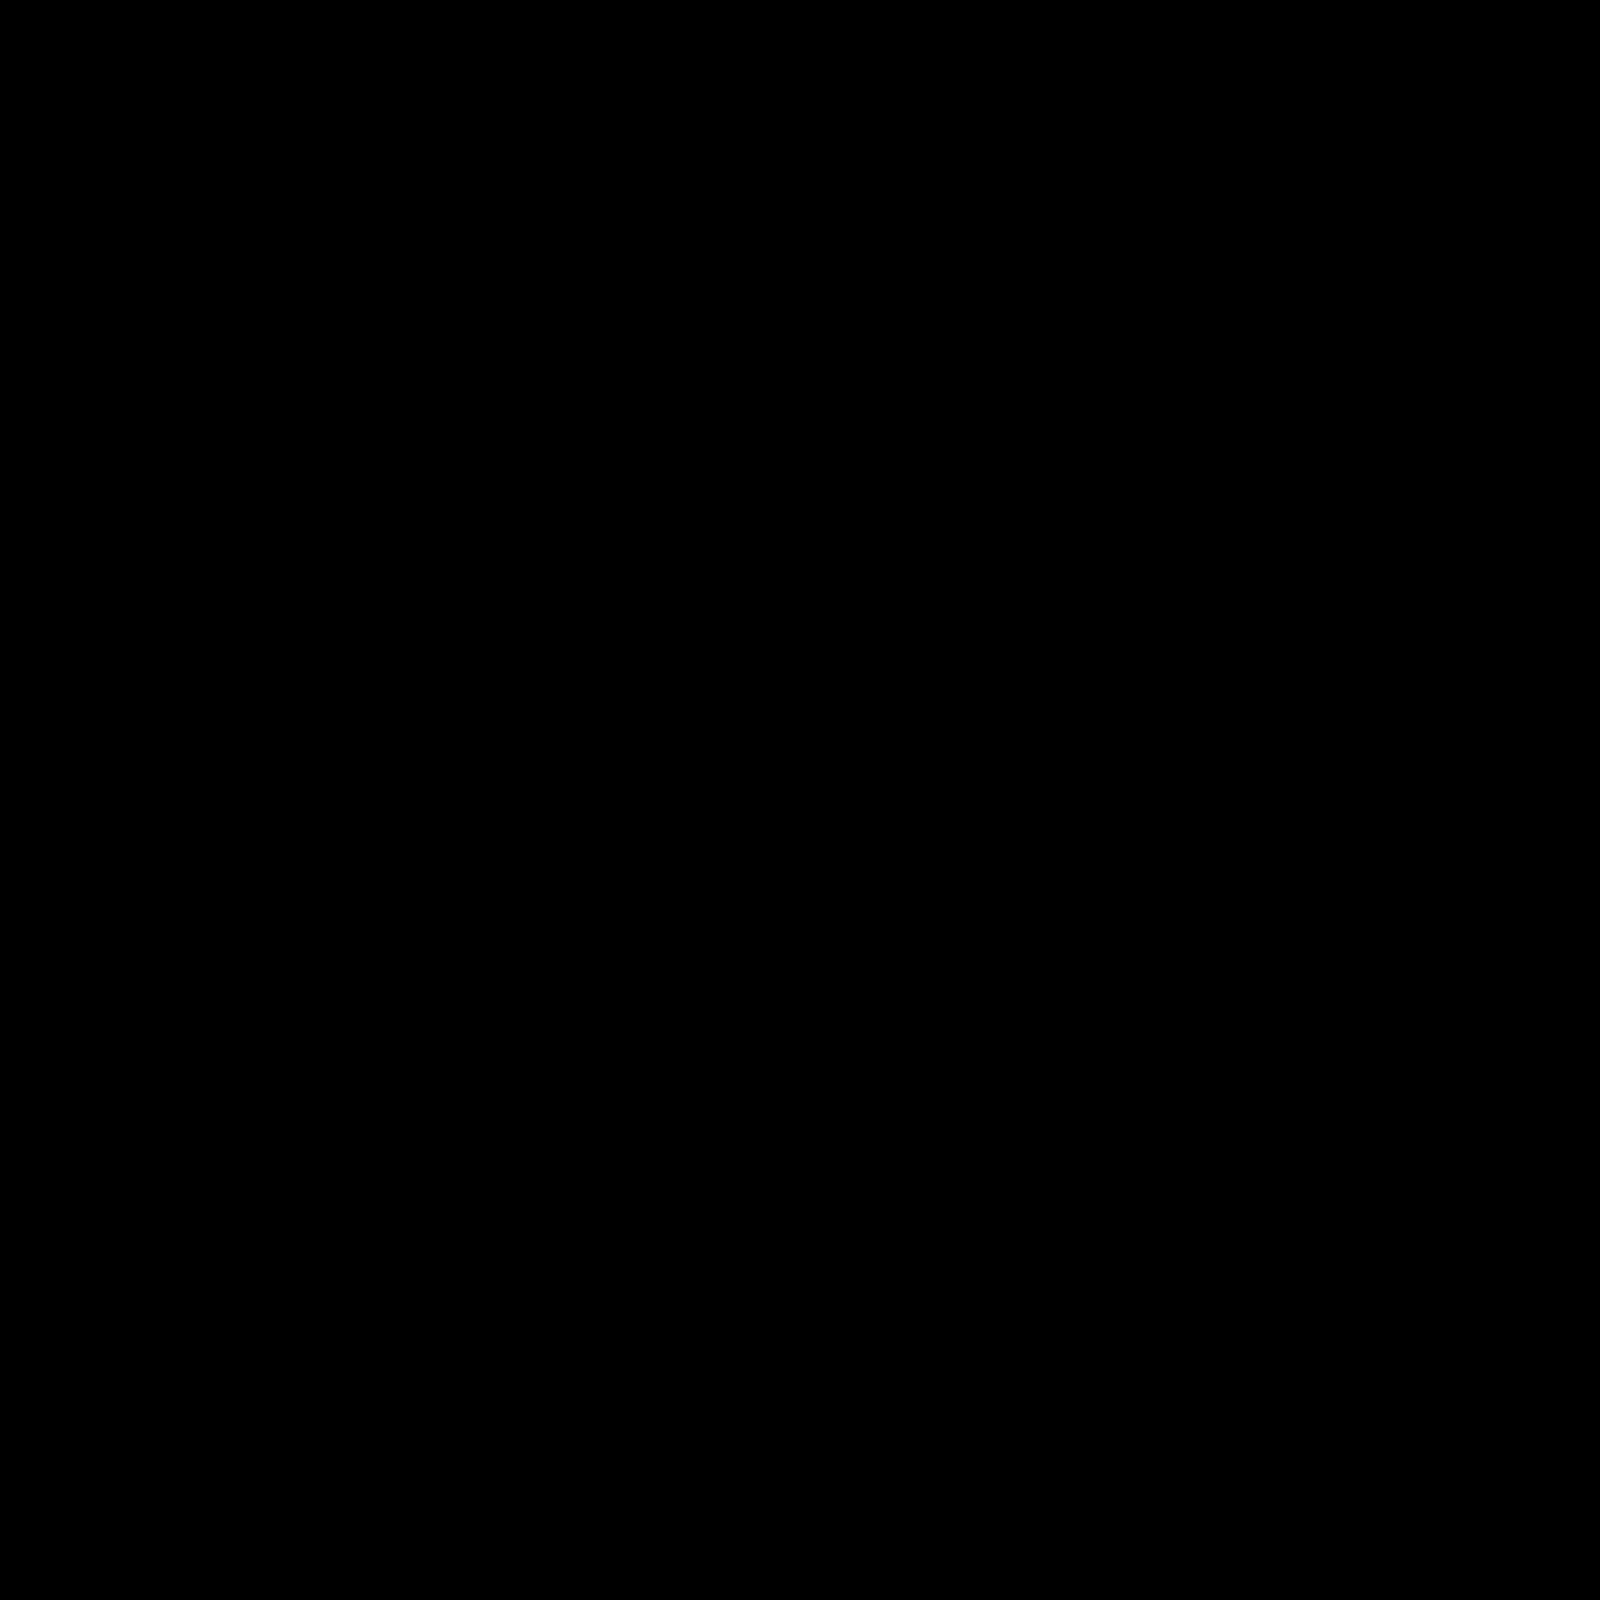 Gewicht Pfund icon